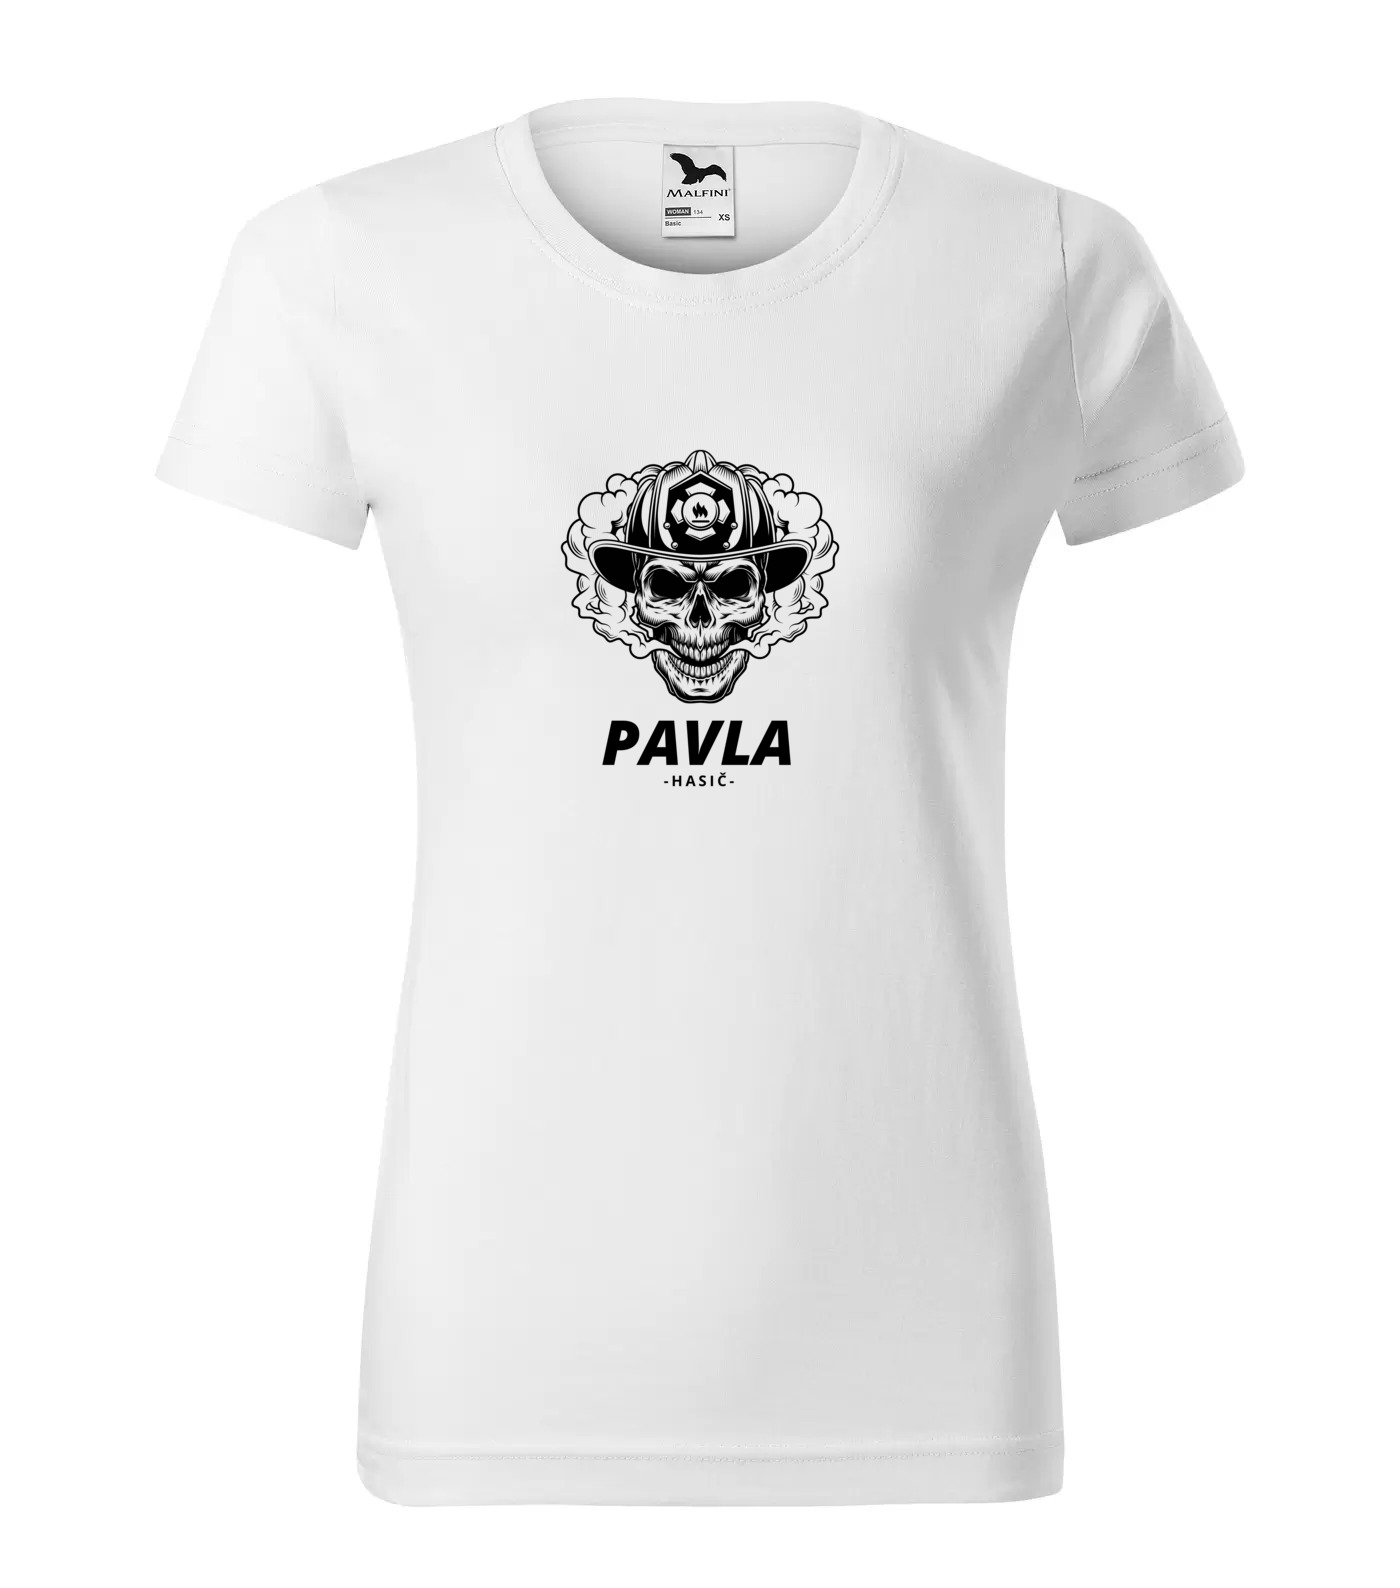 Tričko Hasič Pavla